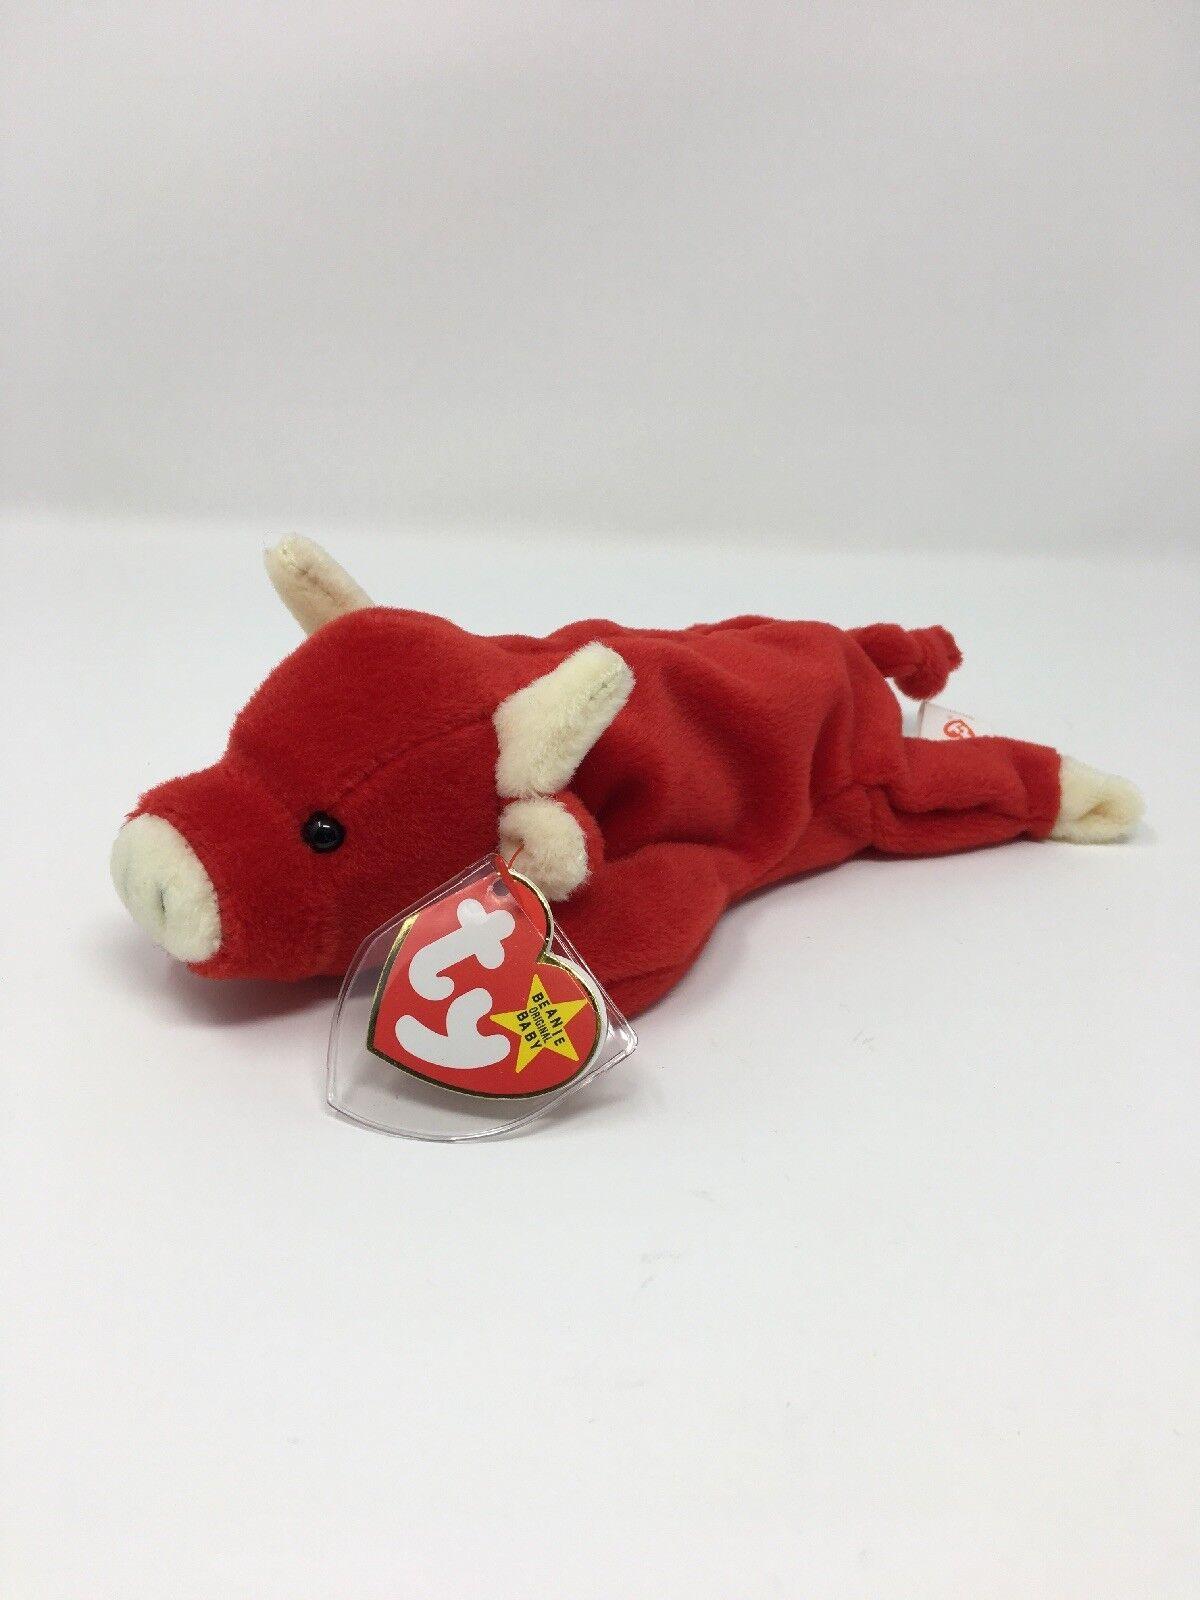 jahrgang 1995 äußerst selten snort ty beanie baby rot bull mit tag - 4002